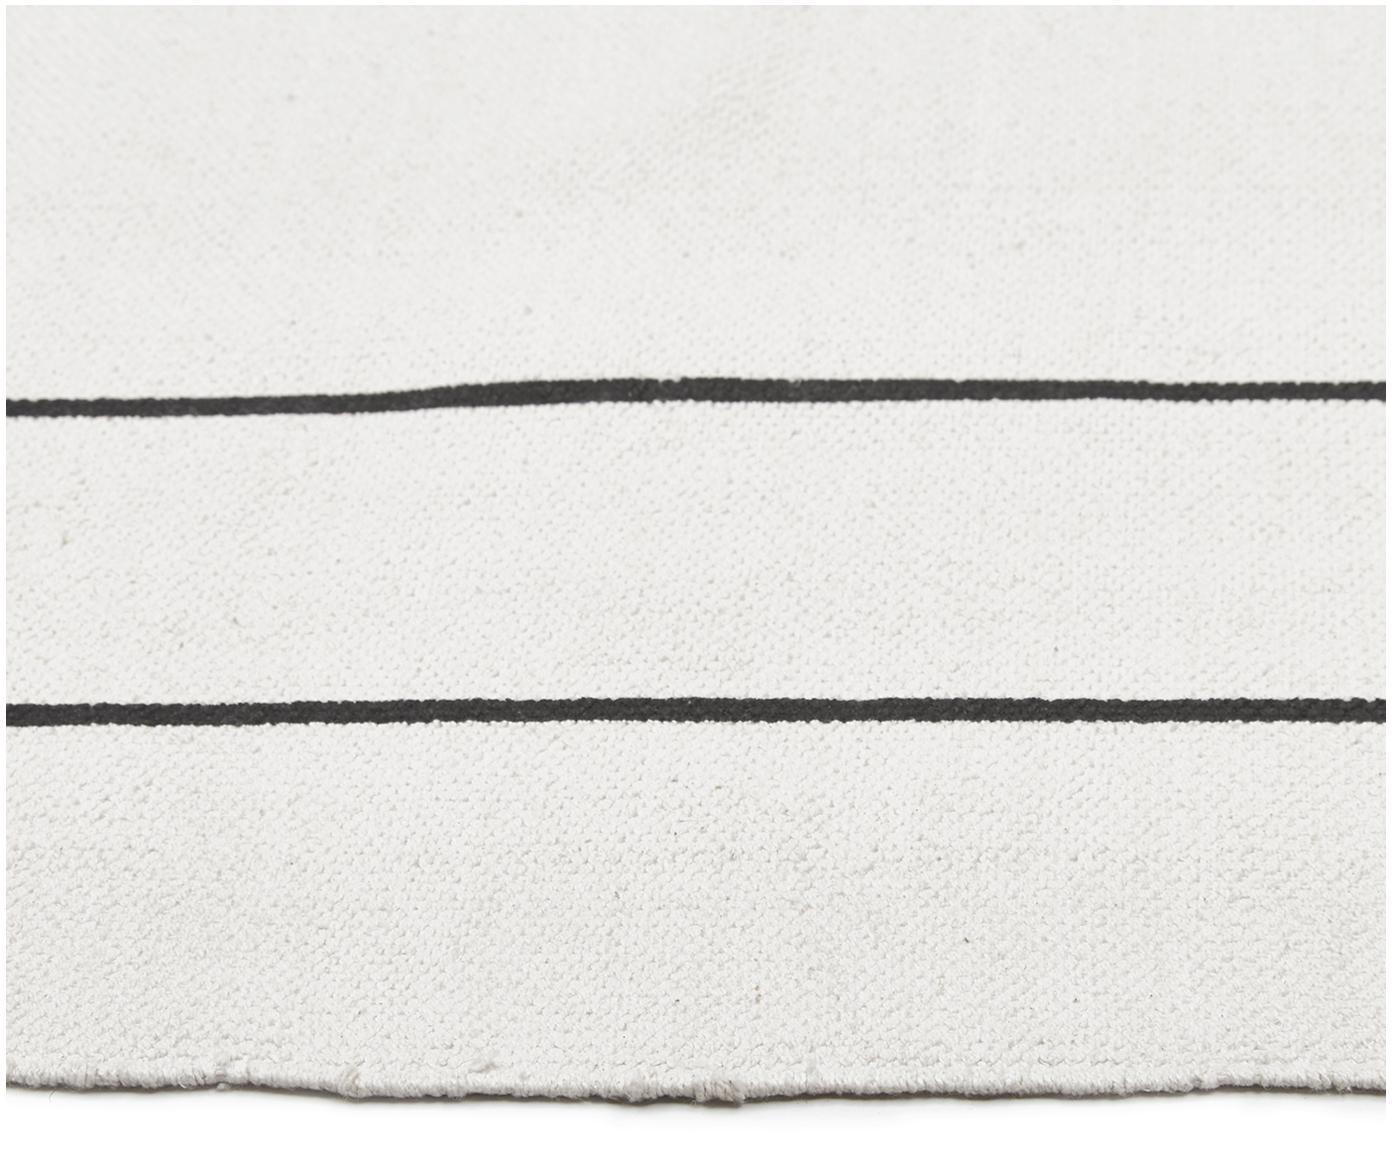 Vlak geweven katoenen vloerkleed David met lijnen, handgemaakt, Katoen, Crèmewit, zwart, B 160 x L 230 cm (maat M)